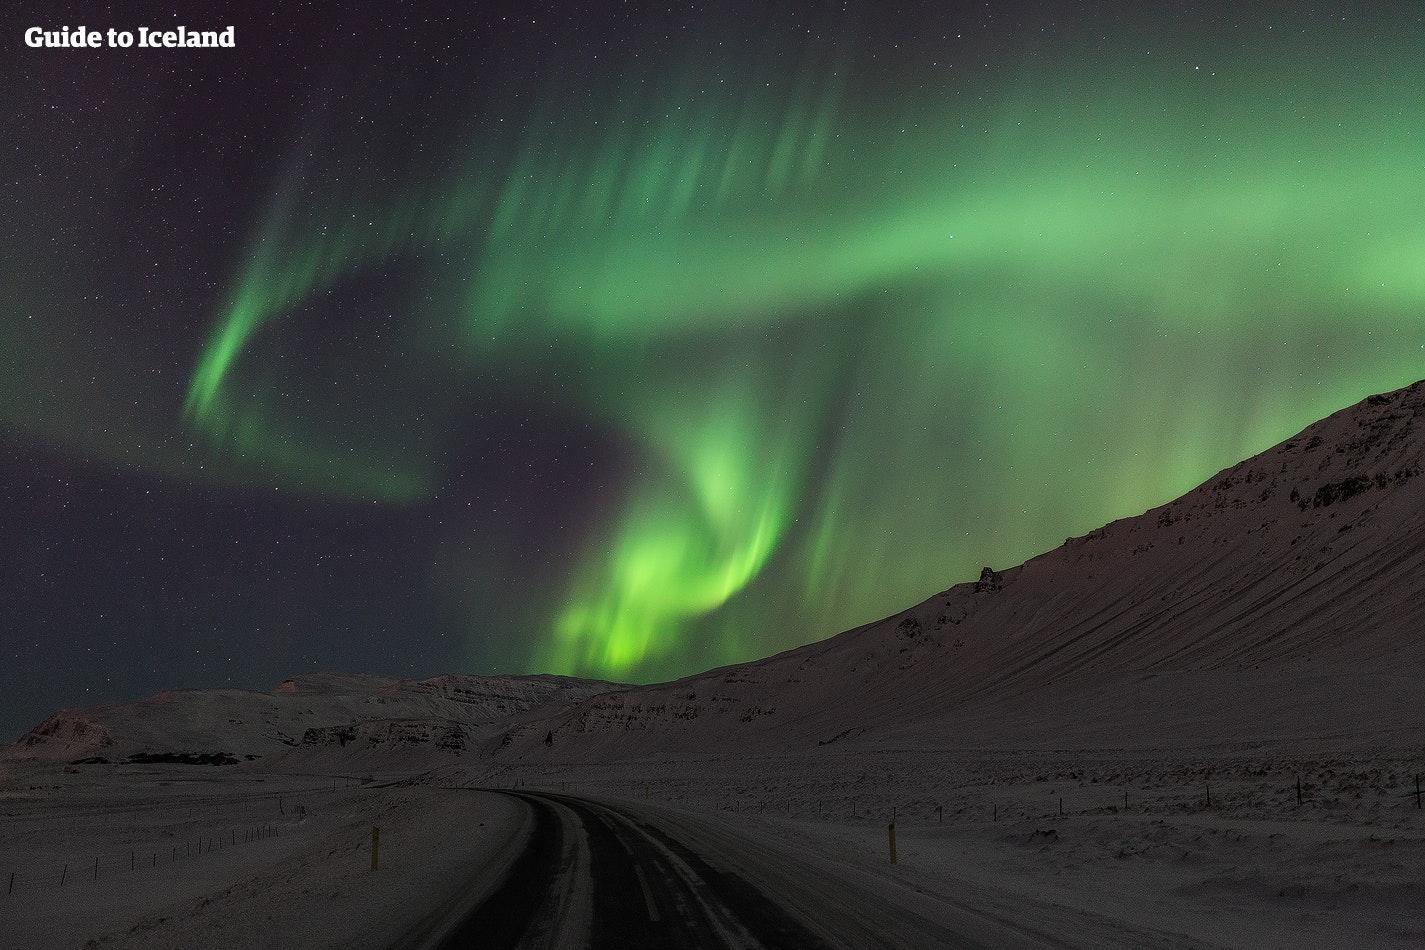 Las auroras boreales recompensan a quienes las buscan con mayor dificultad, y un viaje a tu aire ofrece infinitas oportunidades para que los huéspedes las cacen.